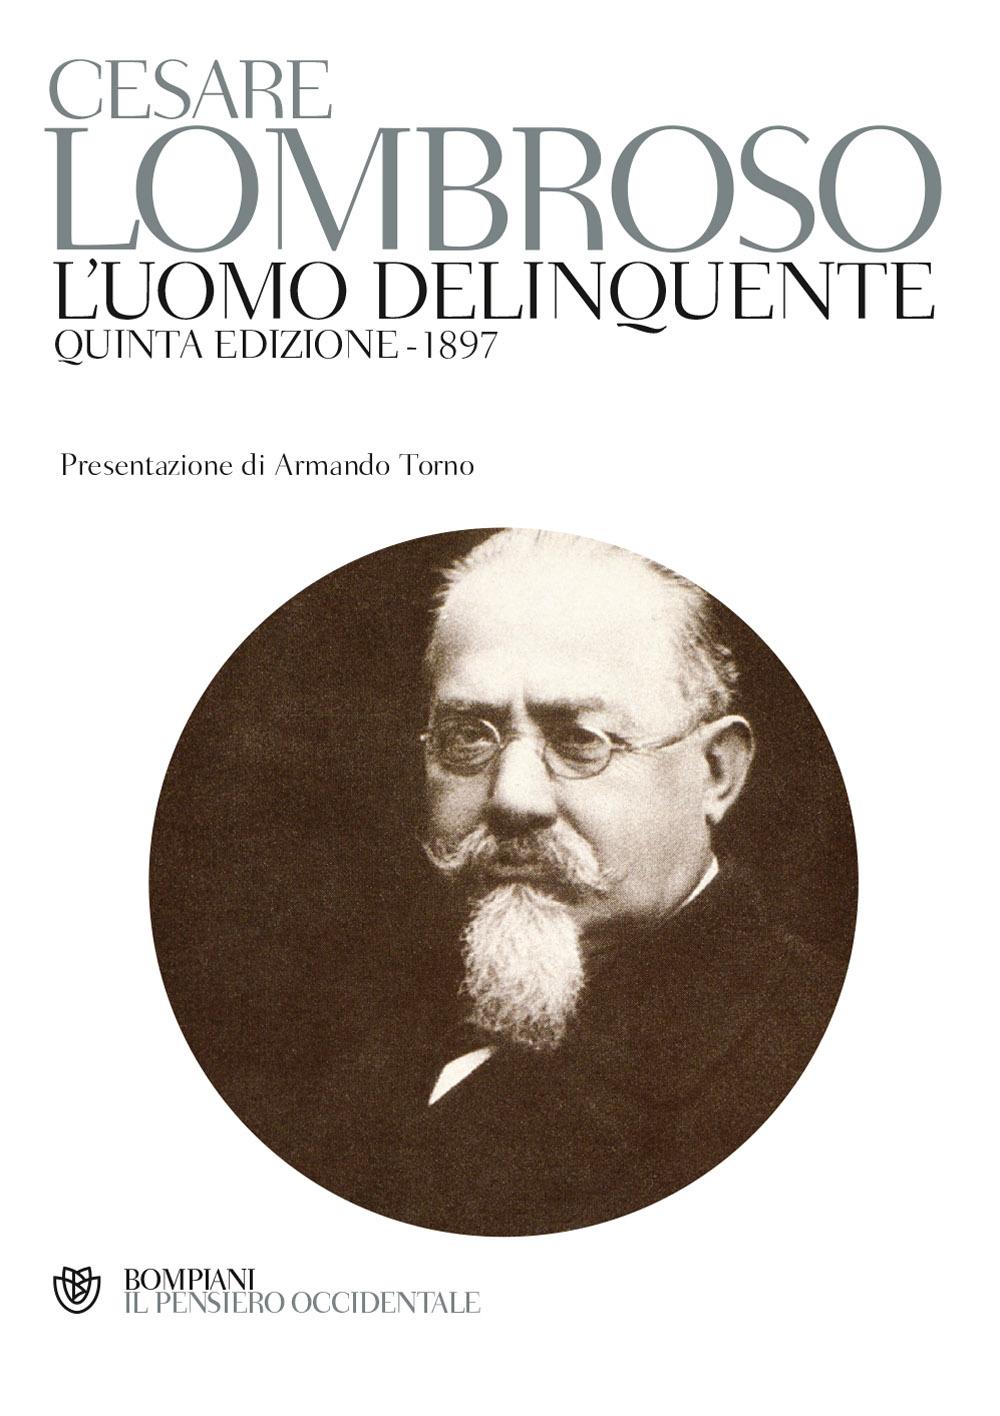 L'uomo delinquente (ristampa anastatica della quinta edizione, Torino, 1897)